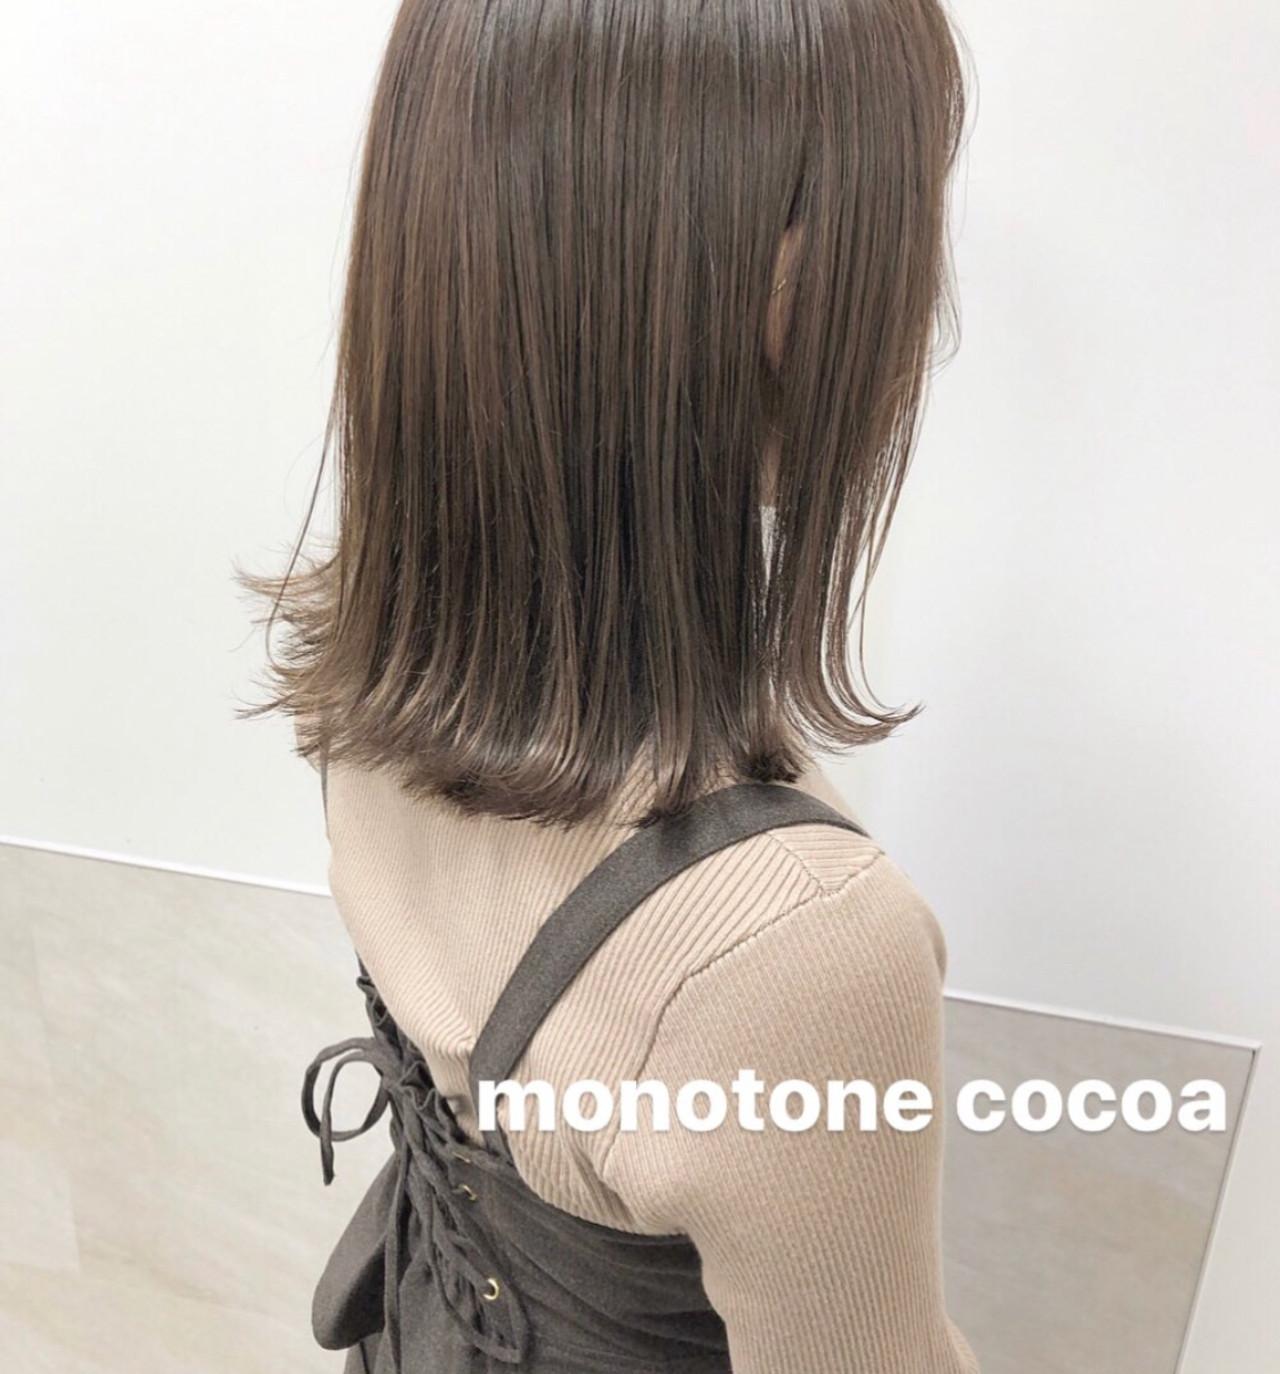 ミルクティーブラウン ミディアム ミルクティーアッシュ ミルクティーベージュ ヘアスタイルや髪型の写真・画像